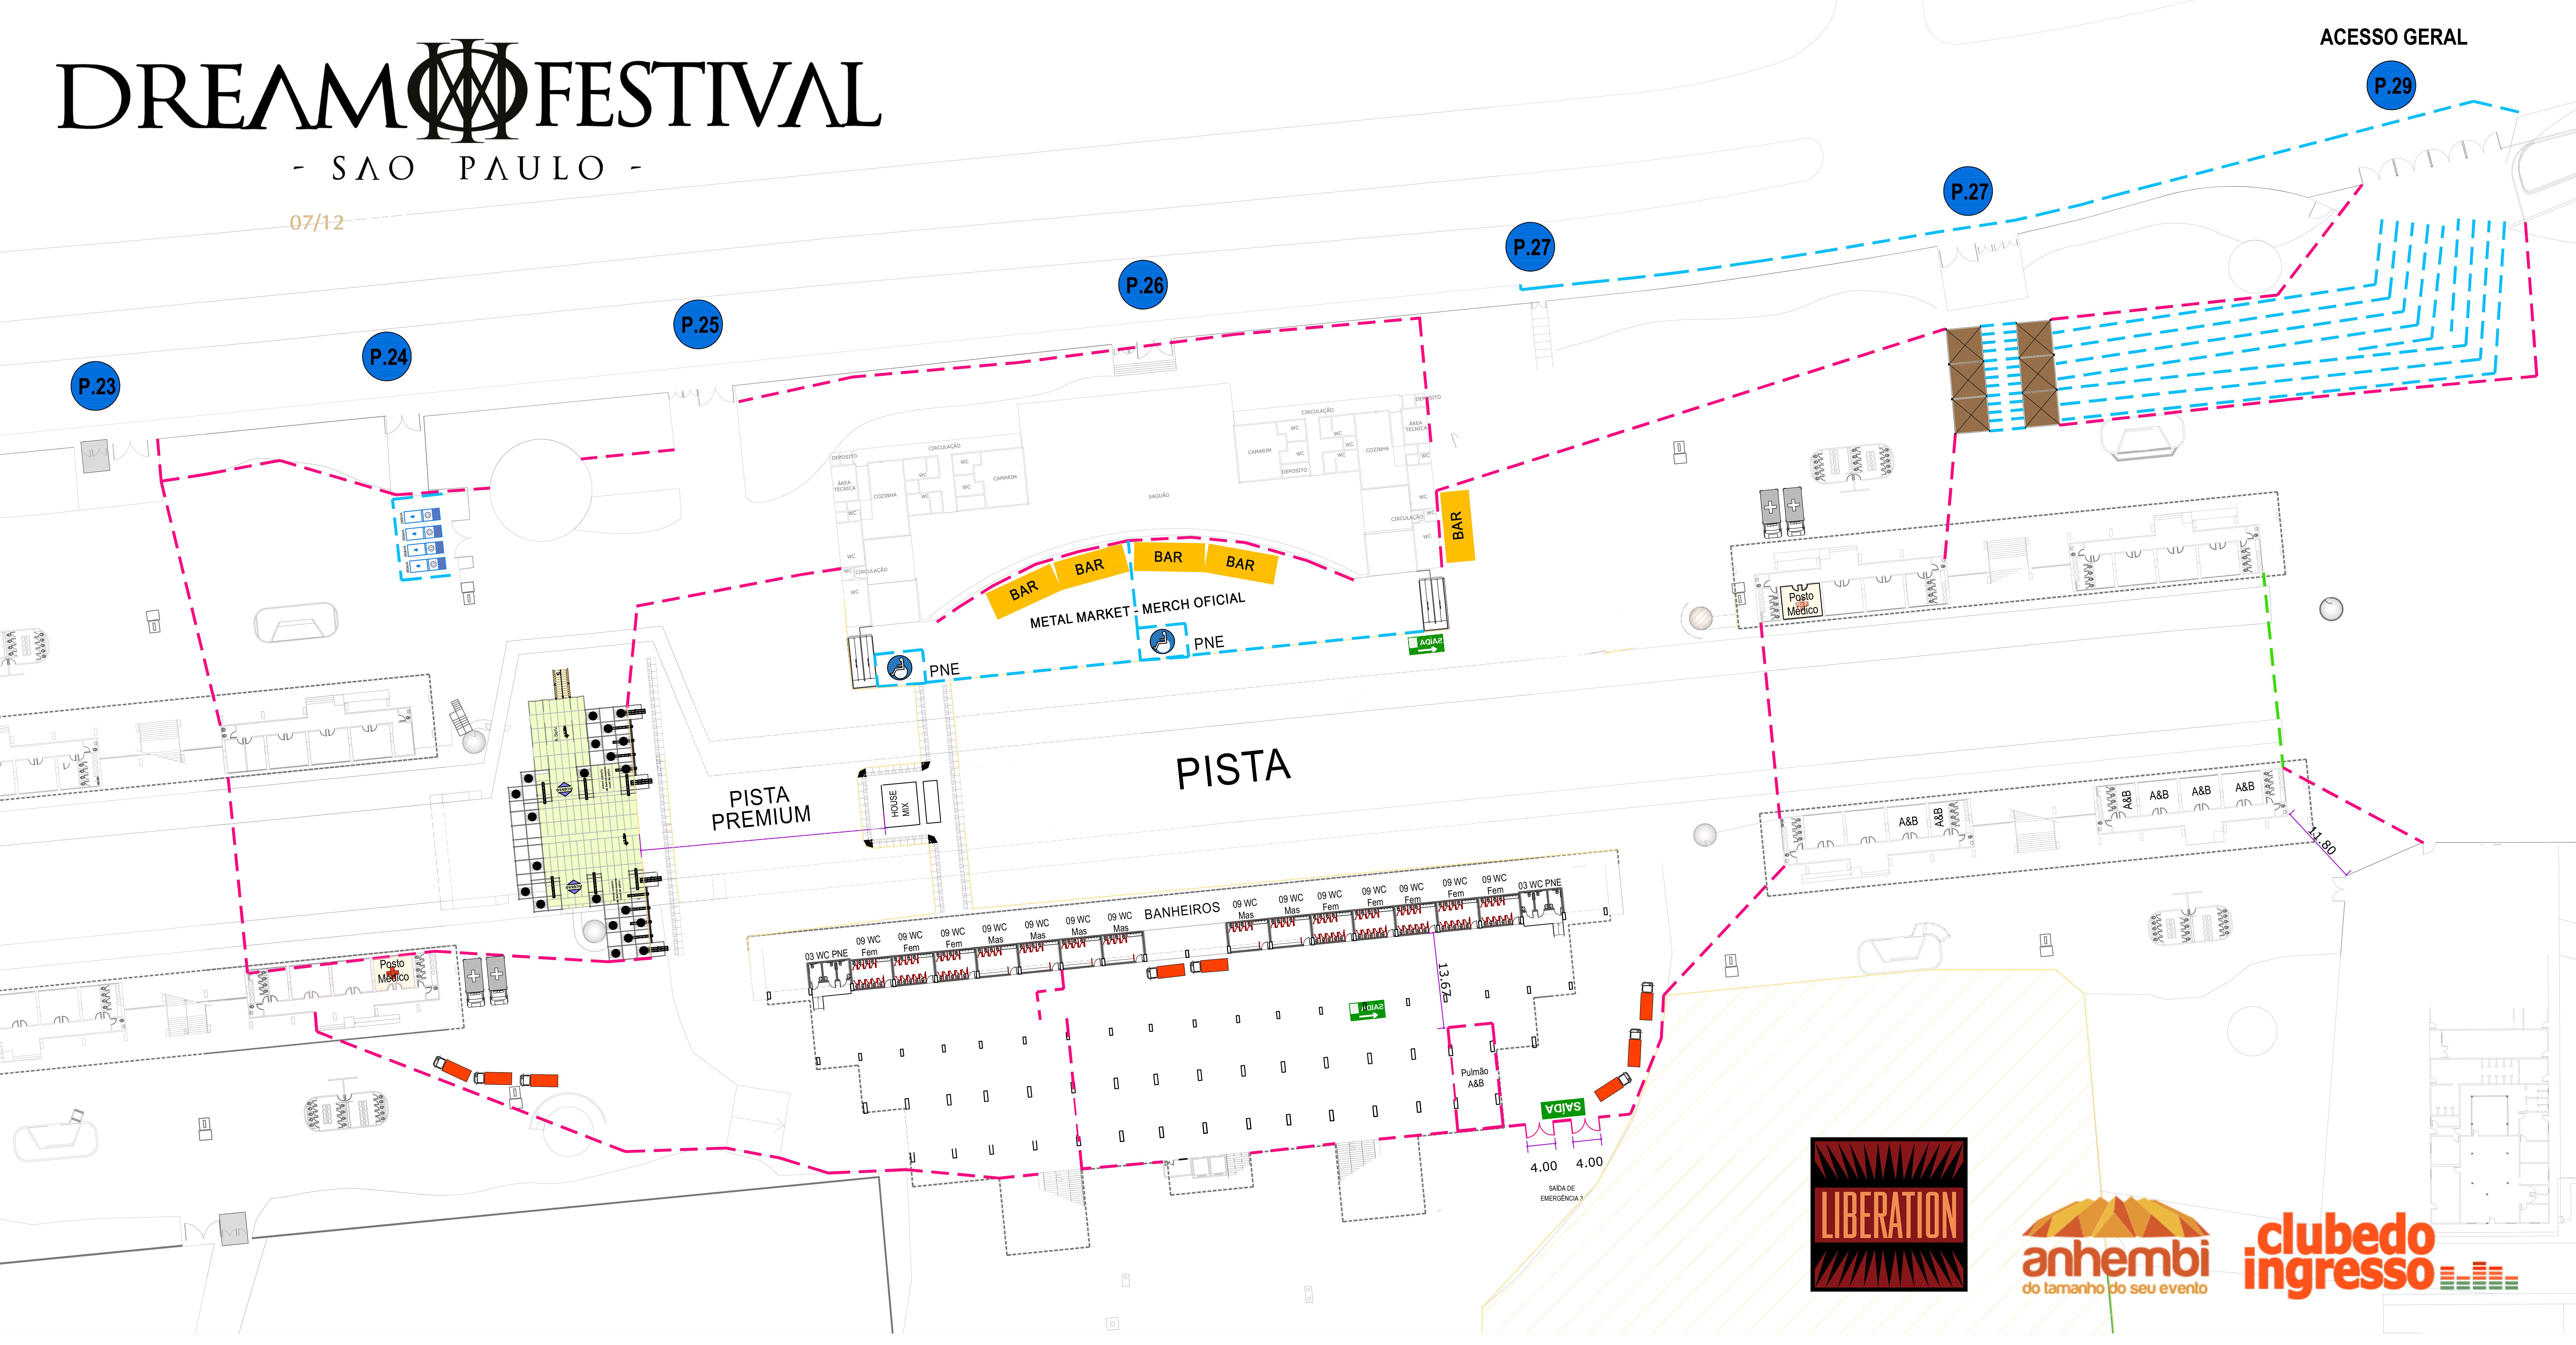 Mapa e setores Dream Festival São Paulo 2019